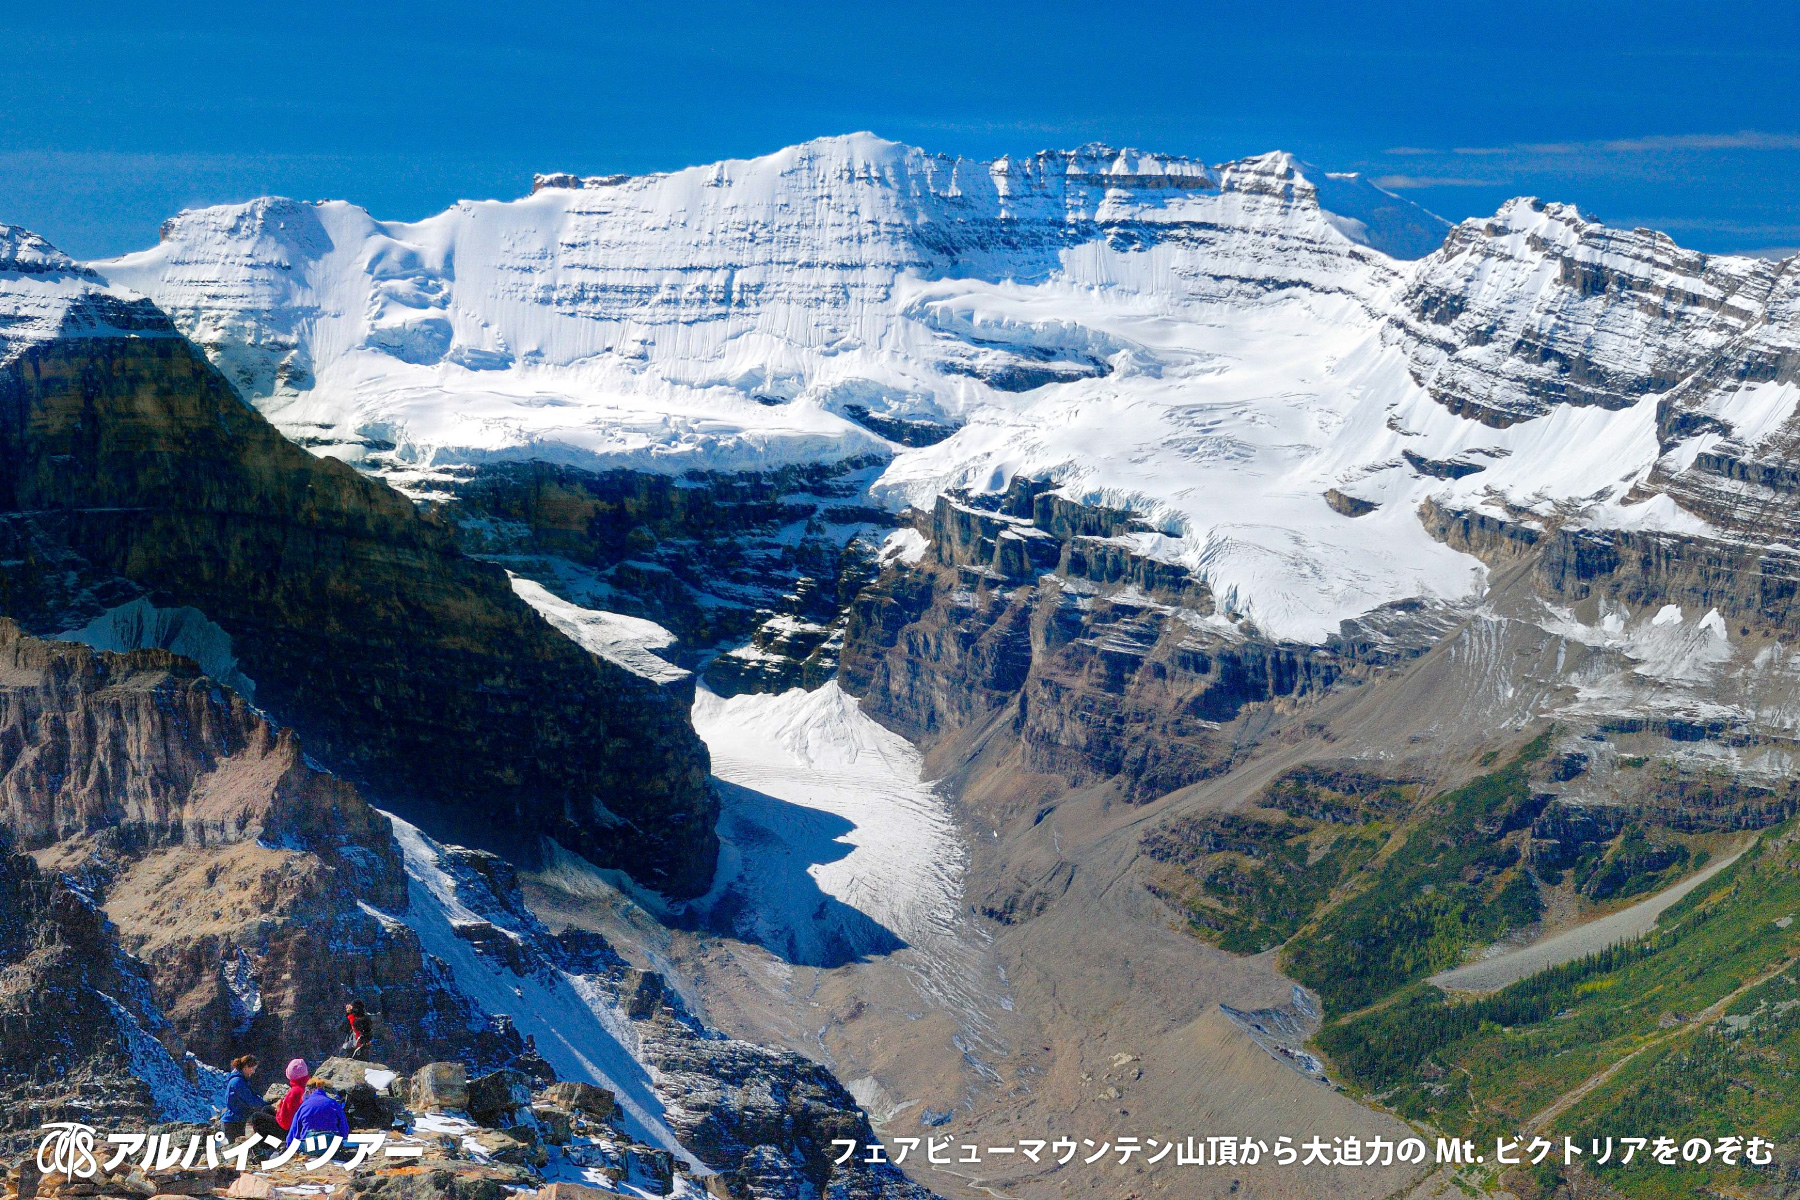 【エリア紹介】 カナディアン・ロッキーの登頂おすすめ3座